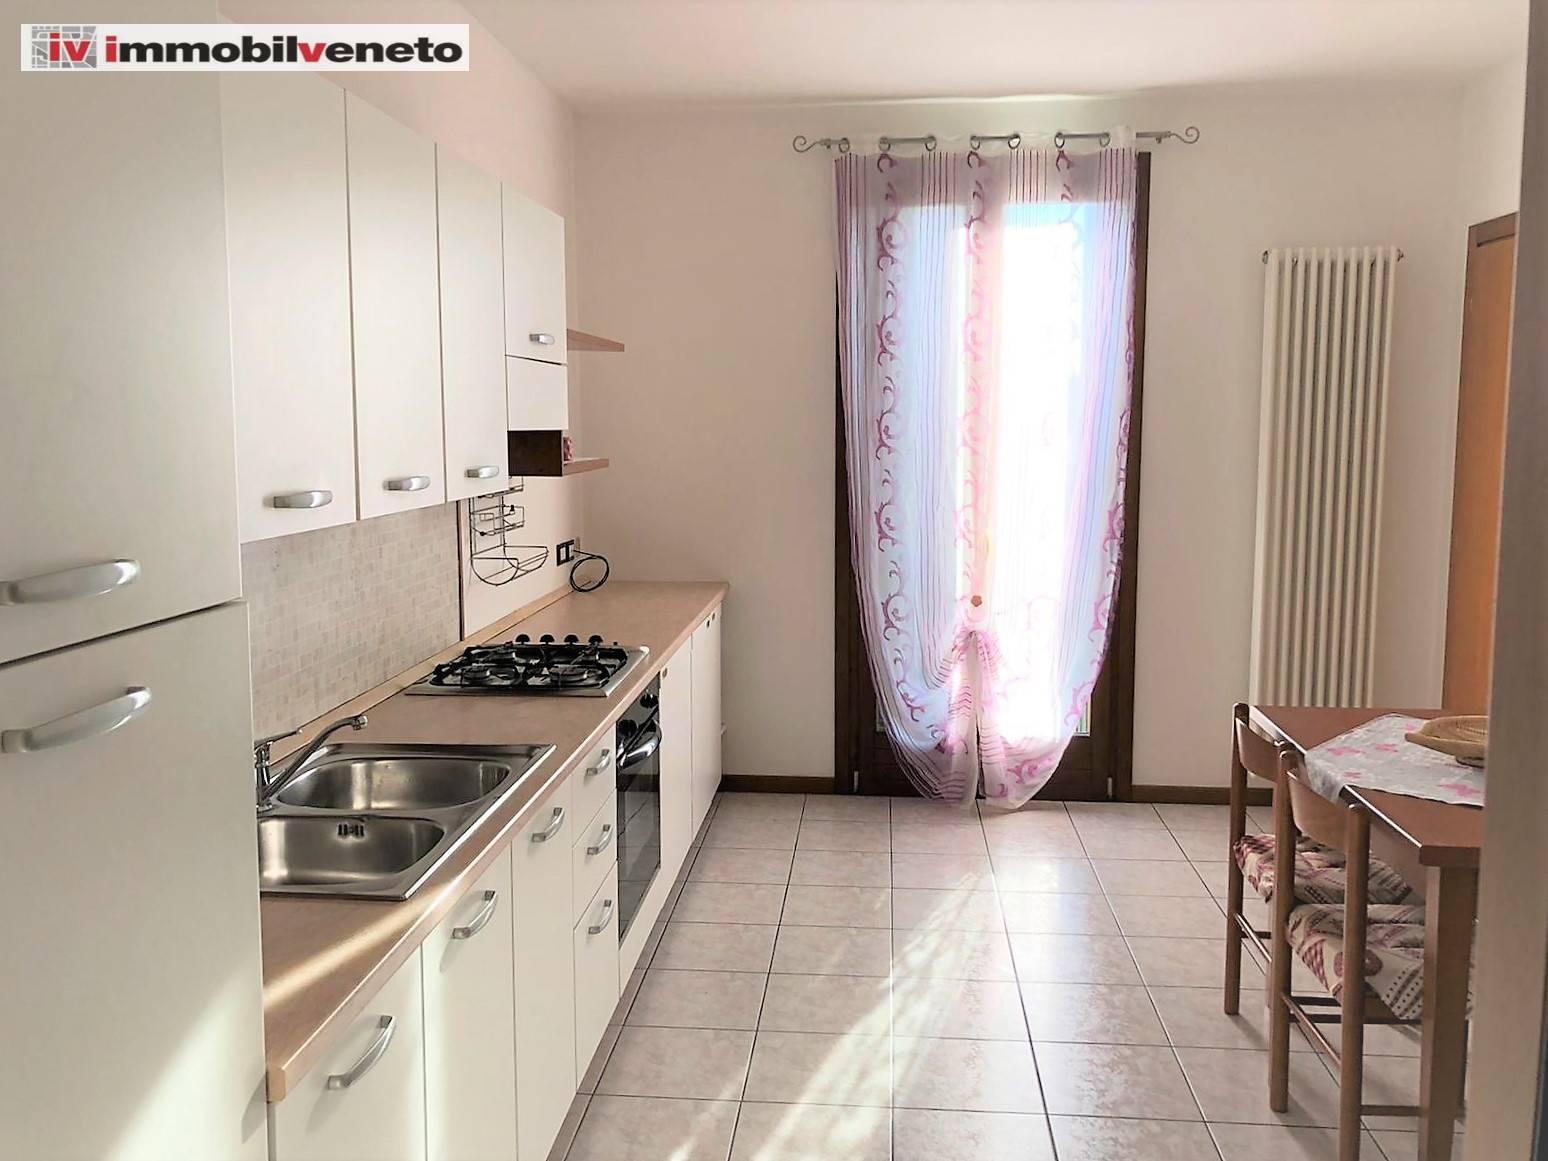 Appartamento in vendita a Orgiano, 2 locali, zona Zona: Spessa, prezzo € 50.000   CambioCasa.it